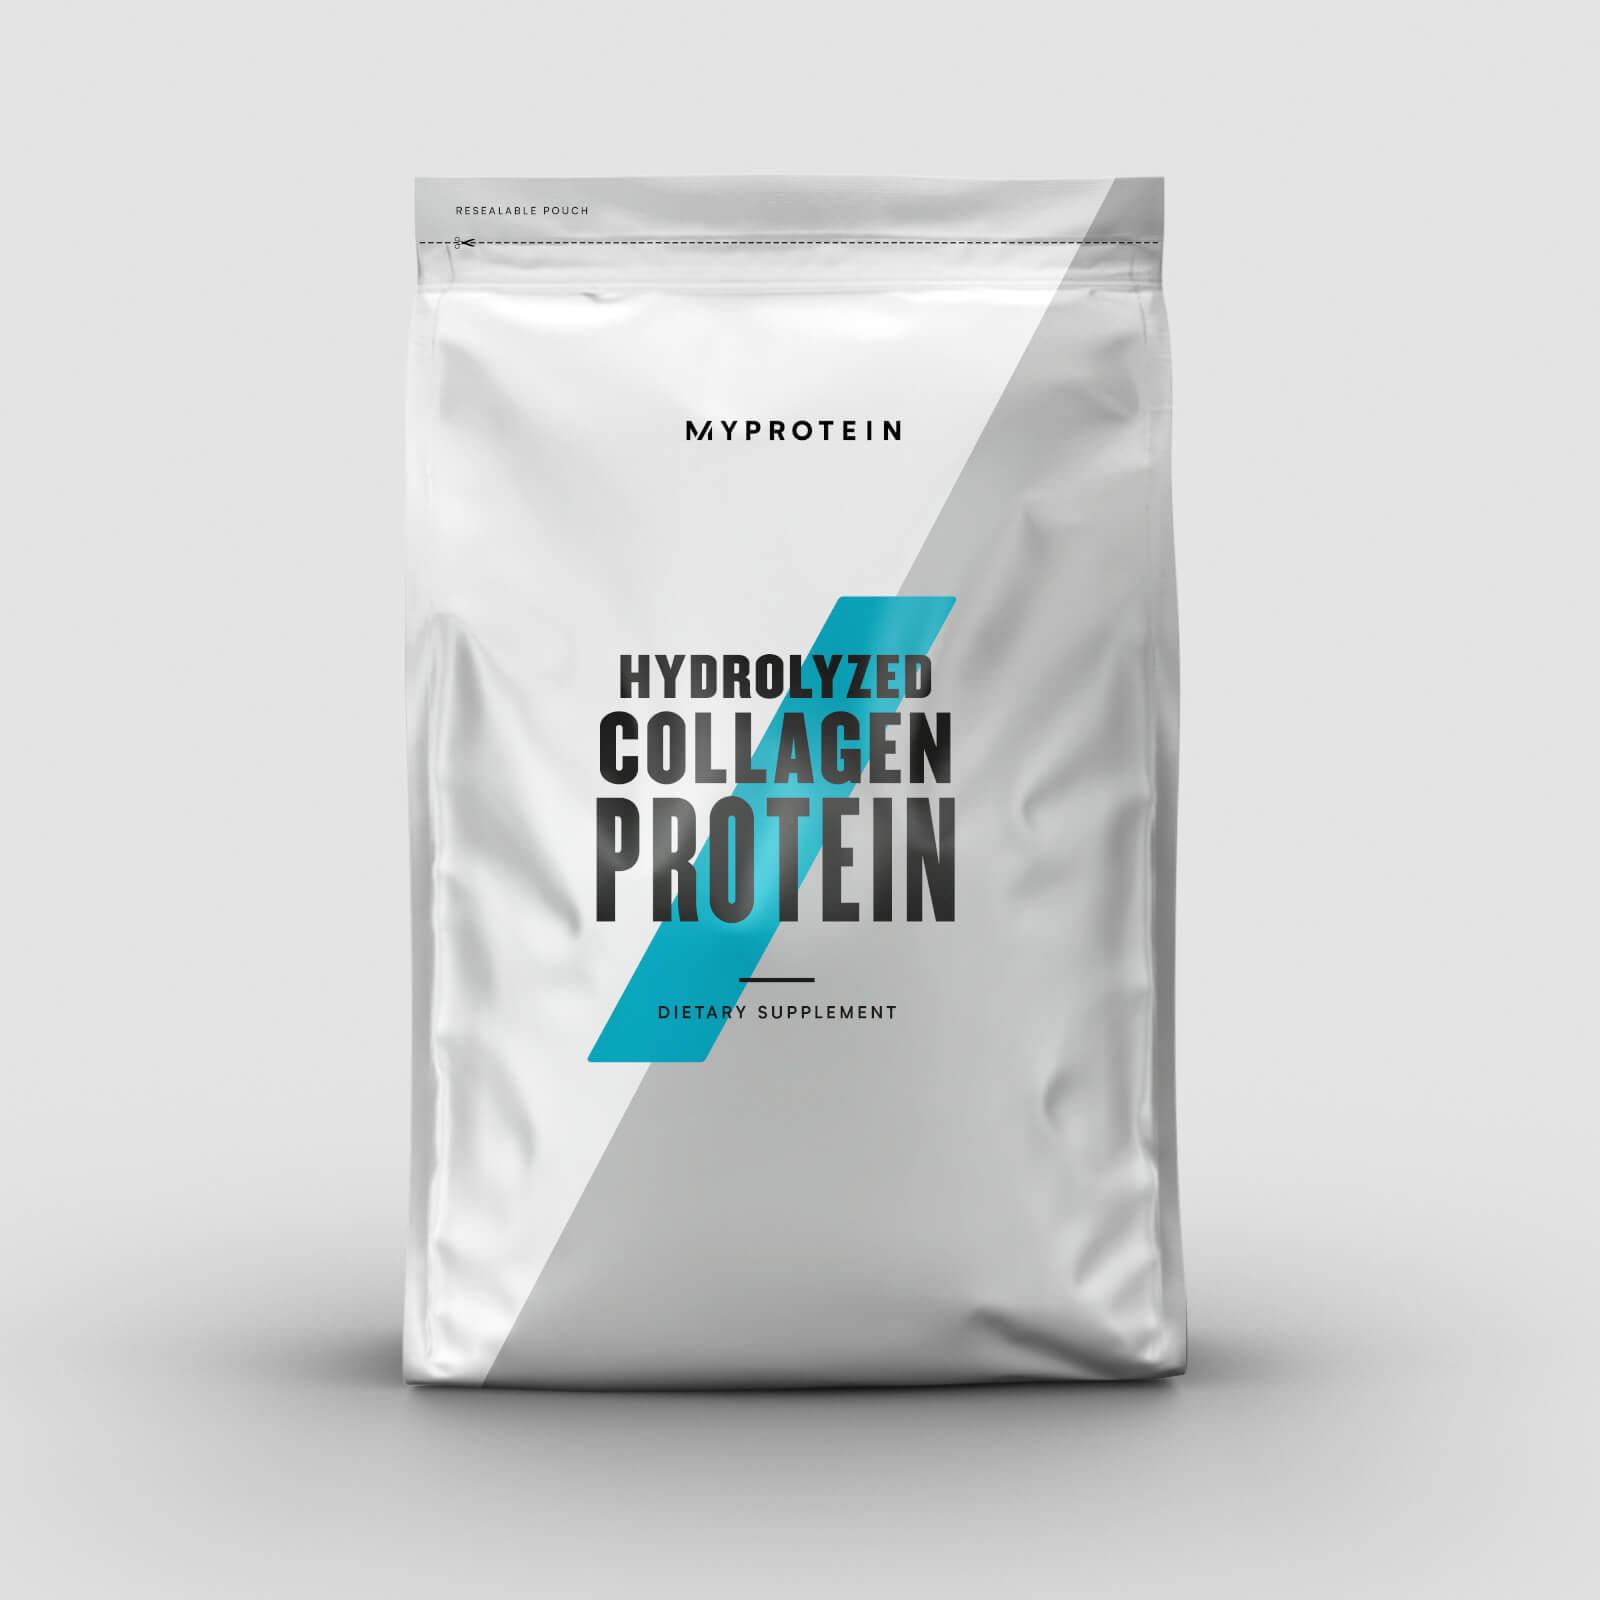 Myprotein Collagen Protein - 0.55lb - Unflavored